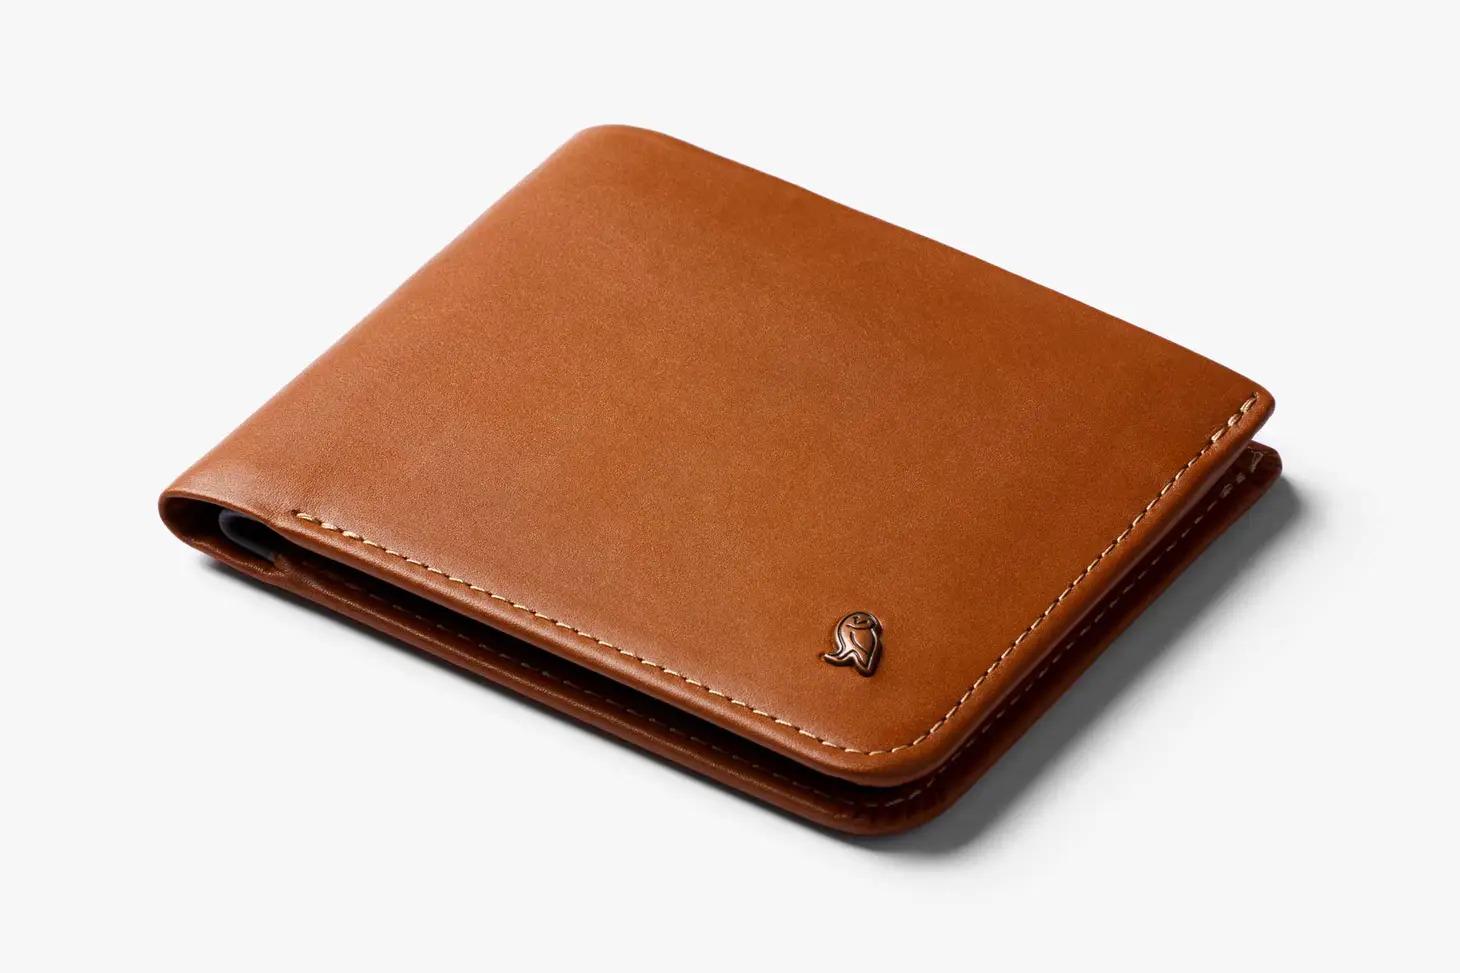 Bellroy Hide & Seek Wallet, best gifts for men